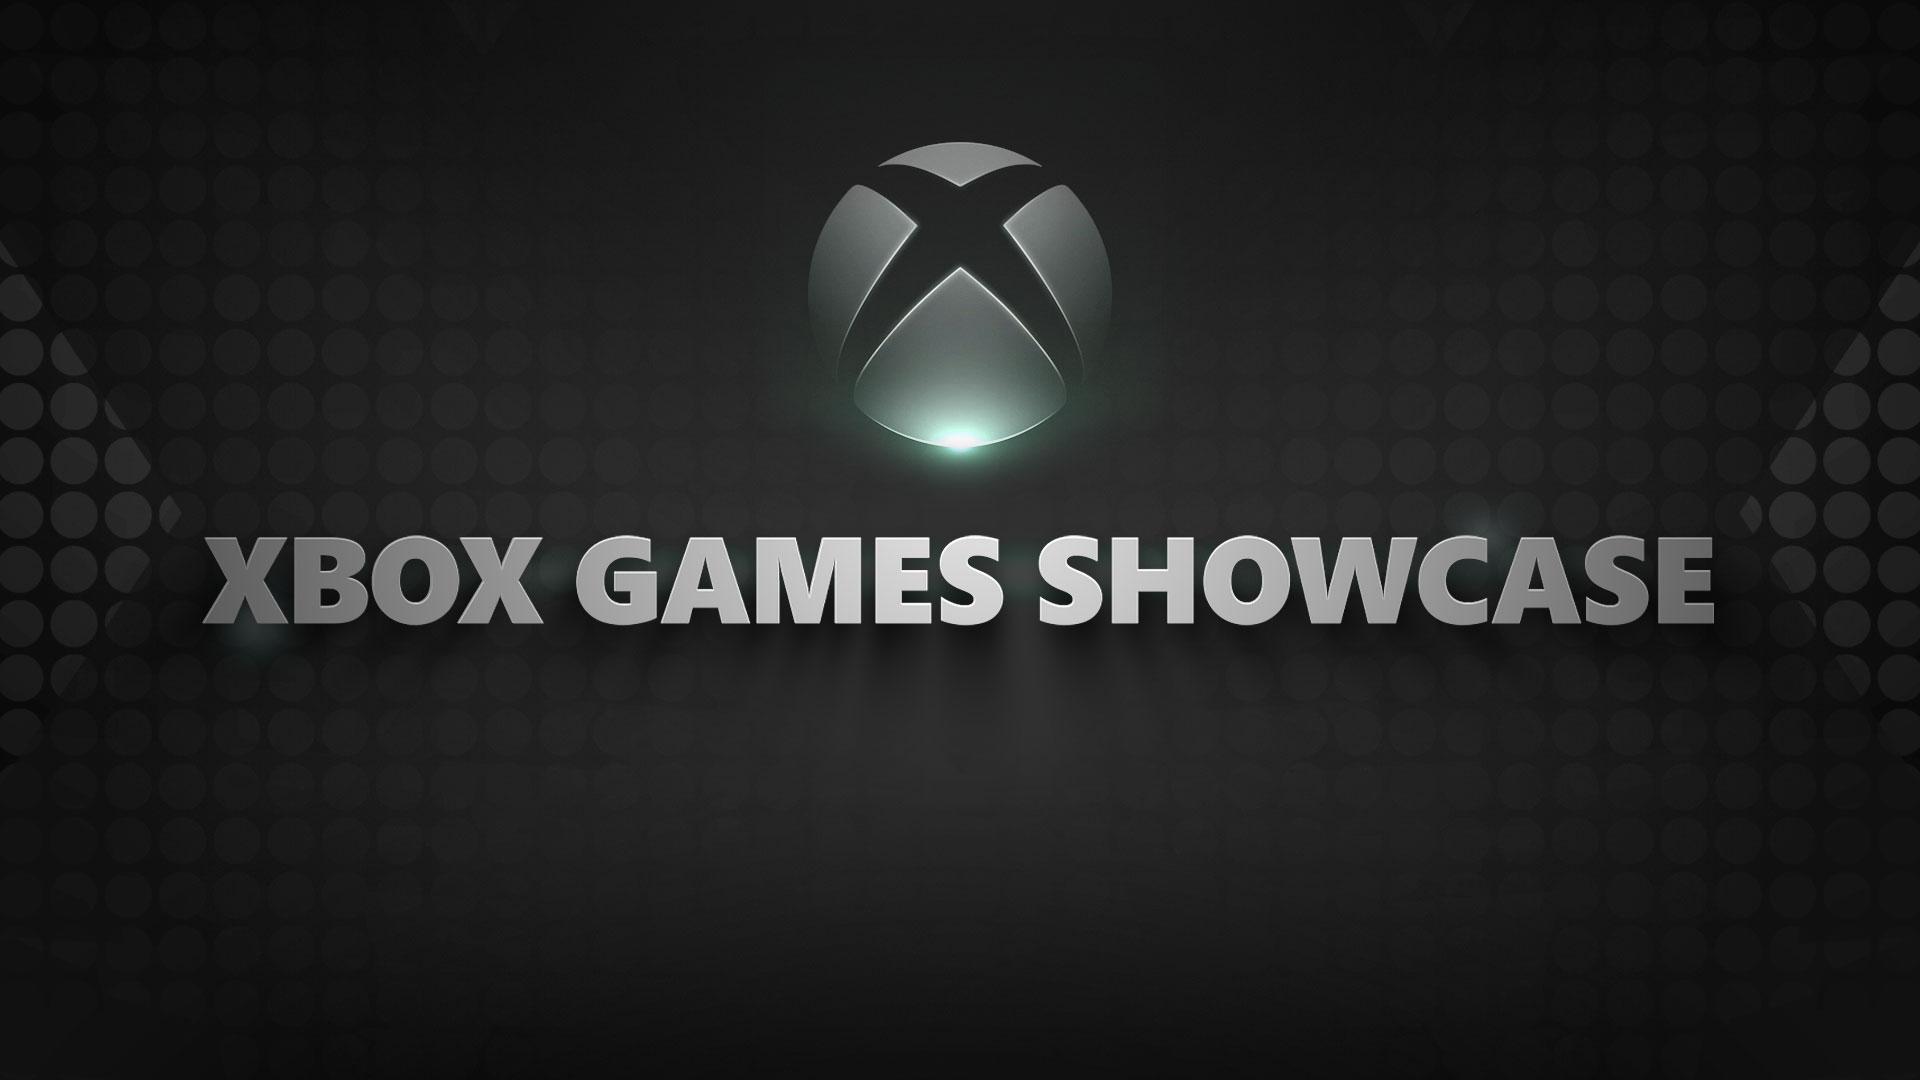 Xbox Games Showcase будет транслироваться с русским переводом